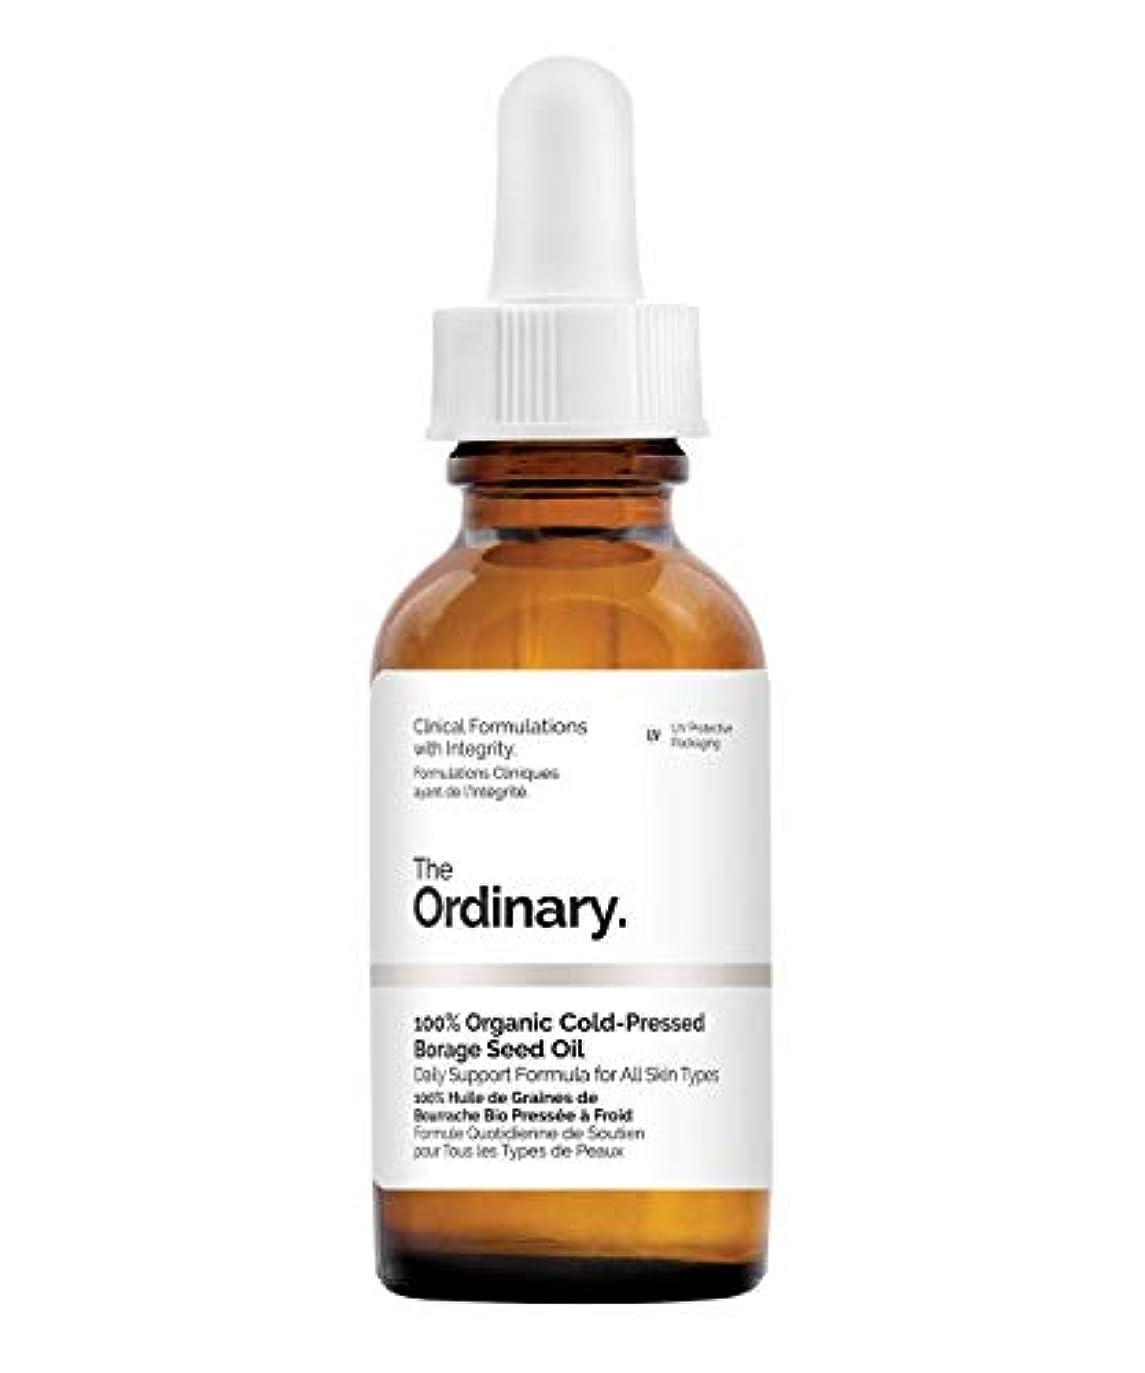 飾り羽はねかける爆発するThe Ordinary 100% Organic Cold-Pressed Borage Seed Oil 30ml